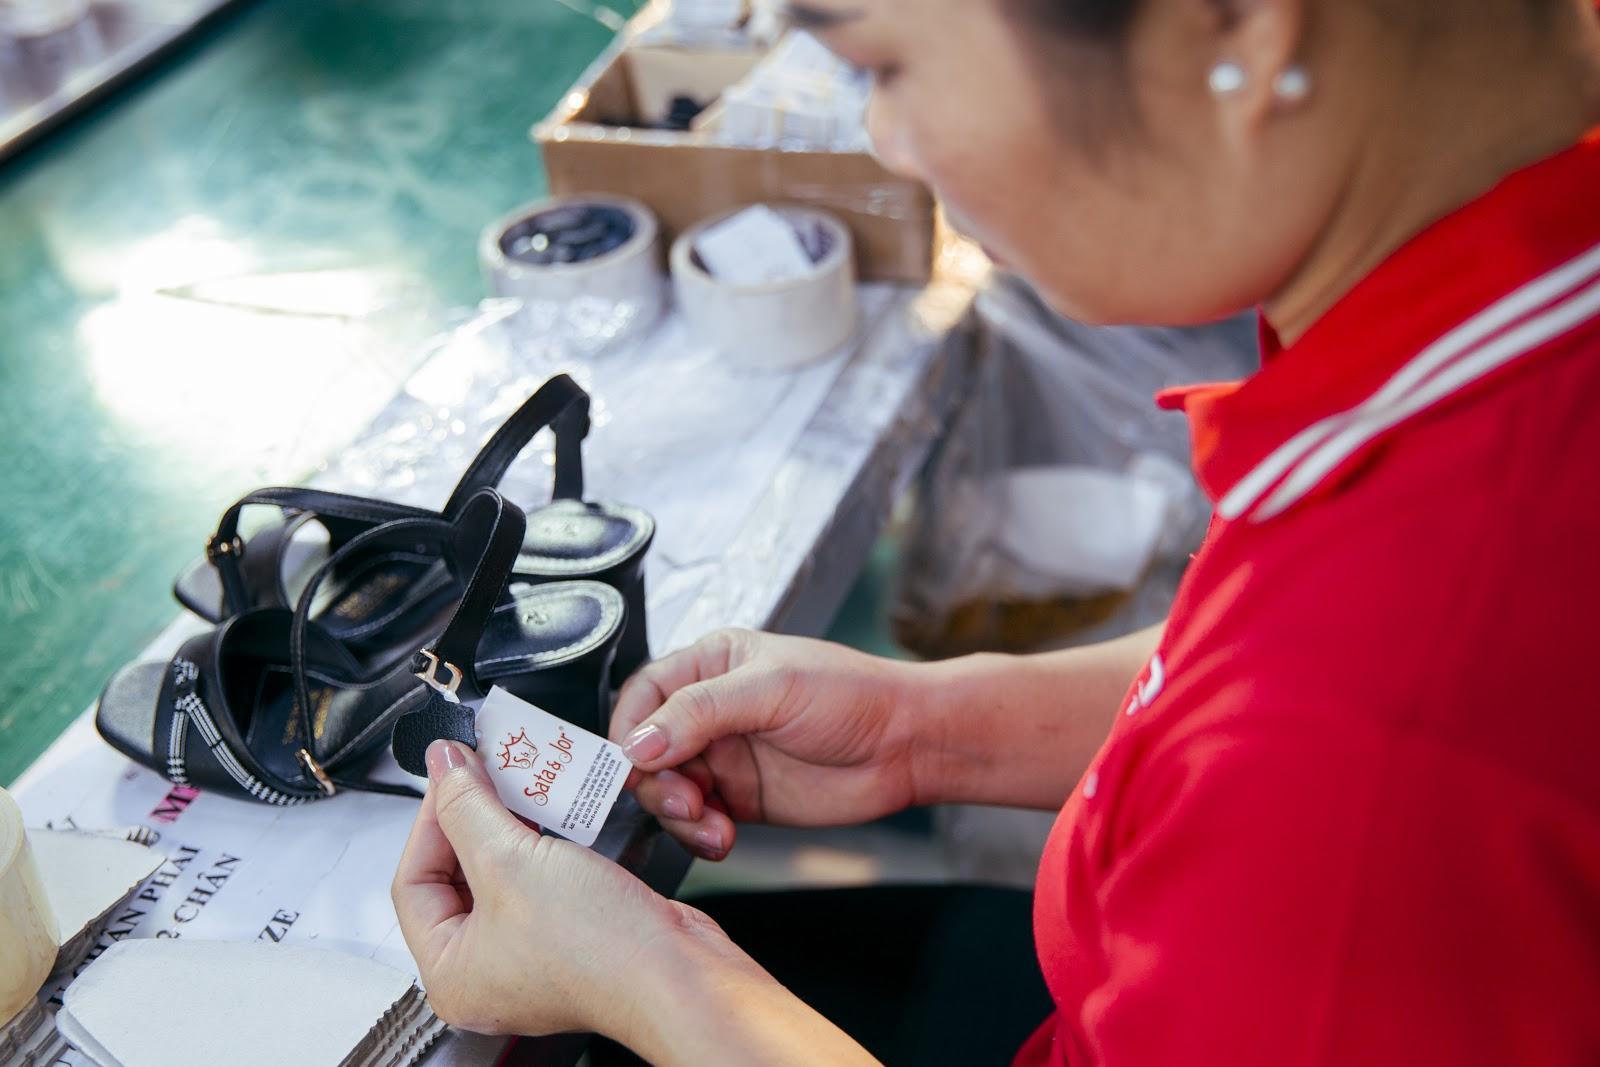 Công ty chuyên sản xuất, phân phối giày dép chất lượng – Thiên Hương